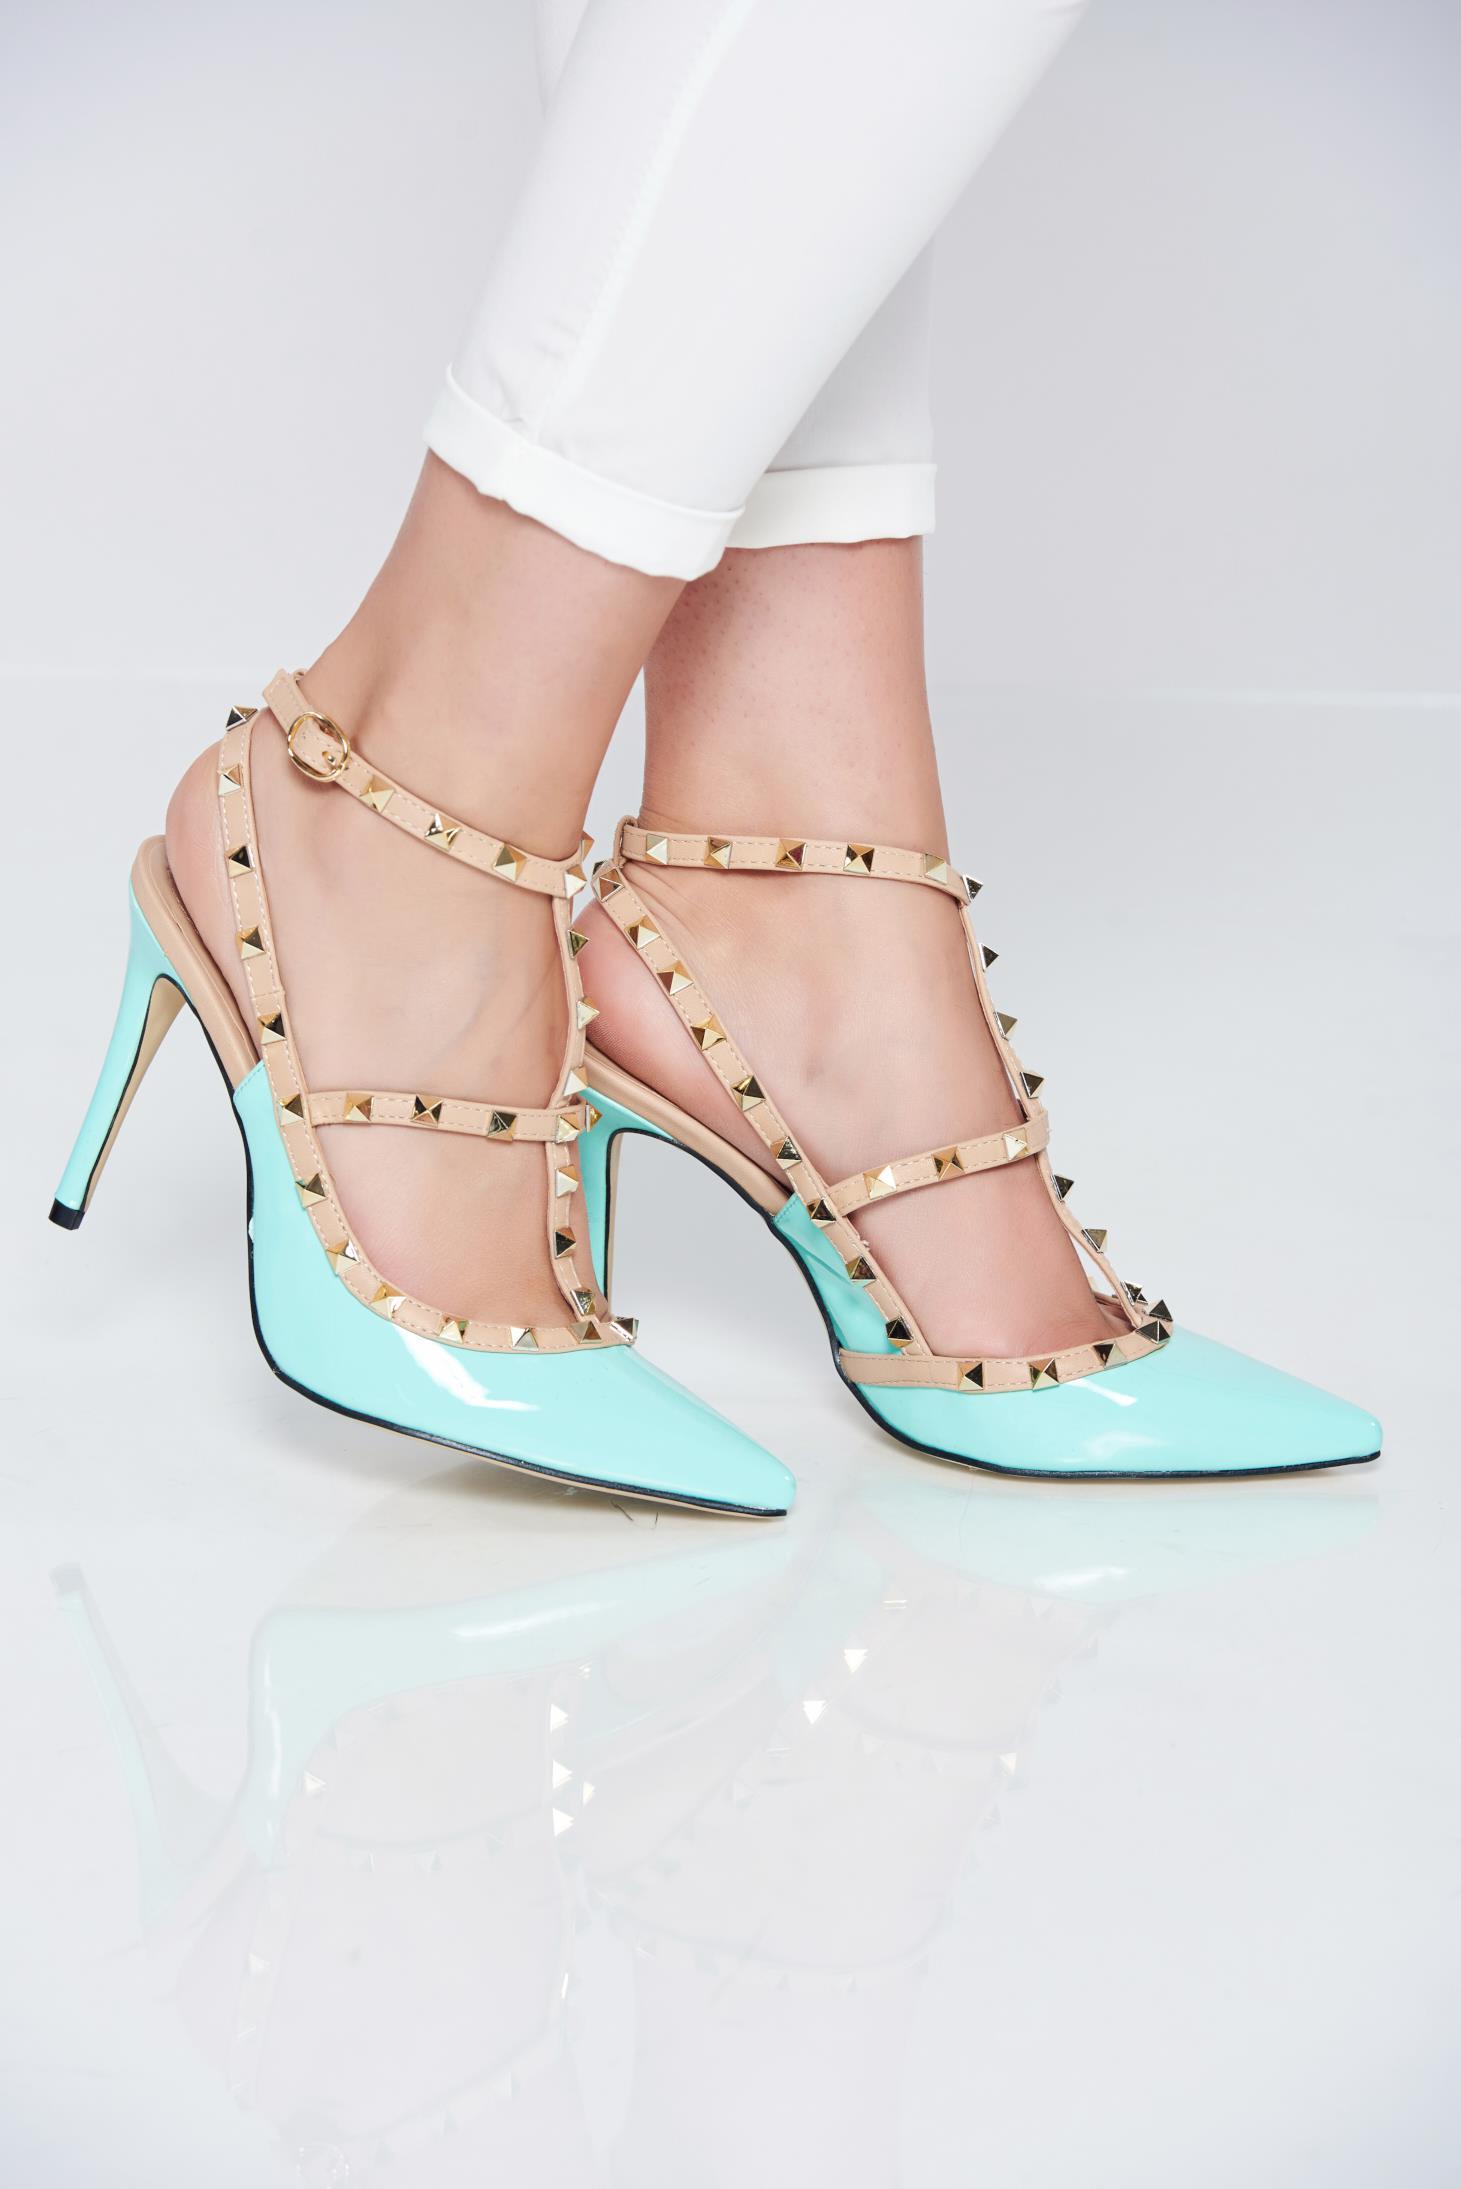 Pantofi stiletto mint cu toc inalt cu tinte metalice